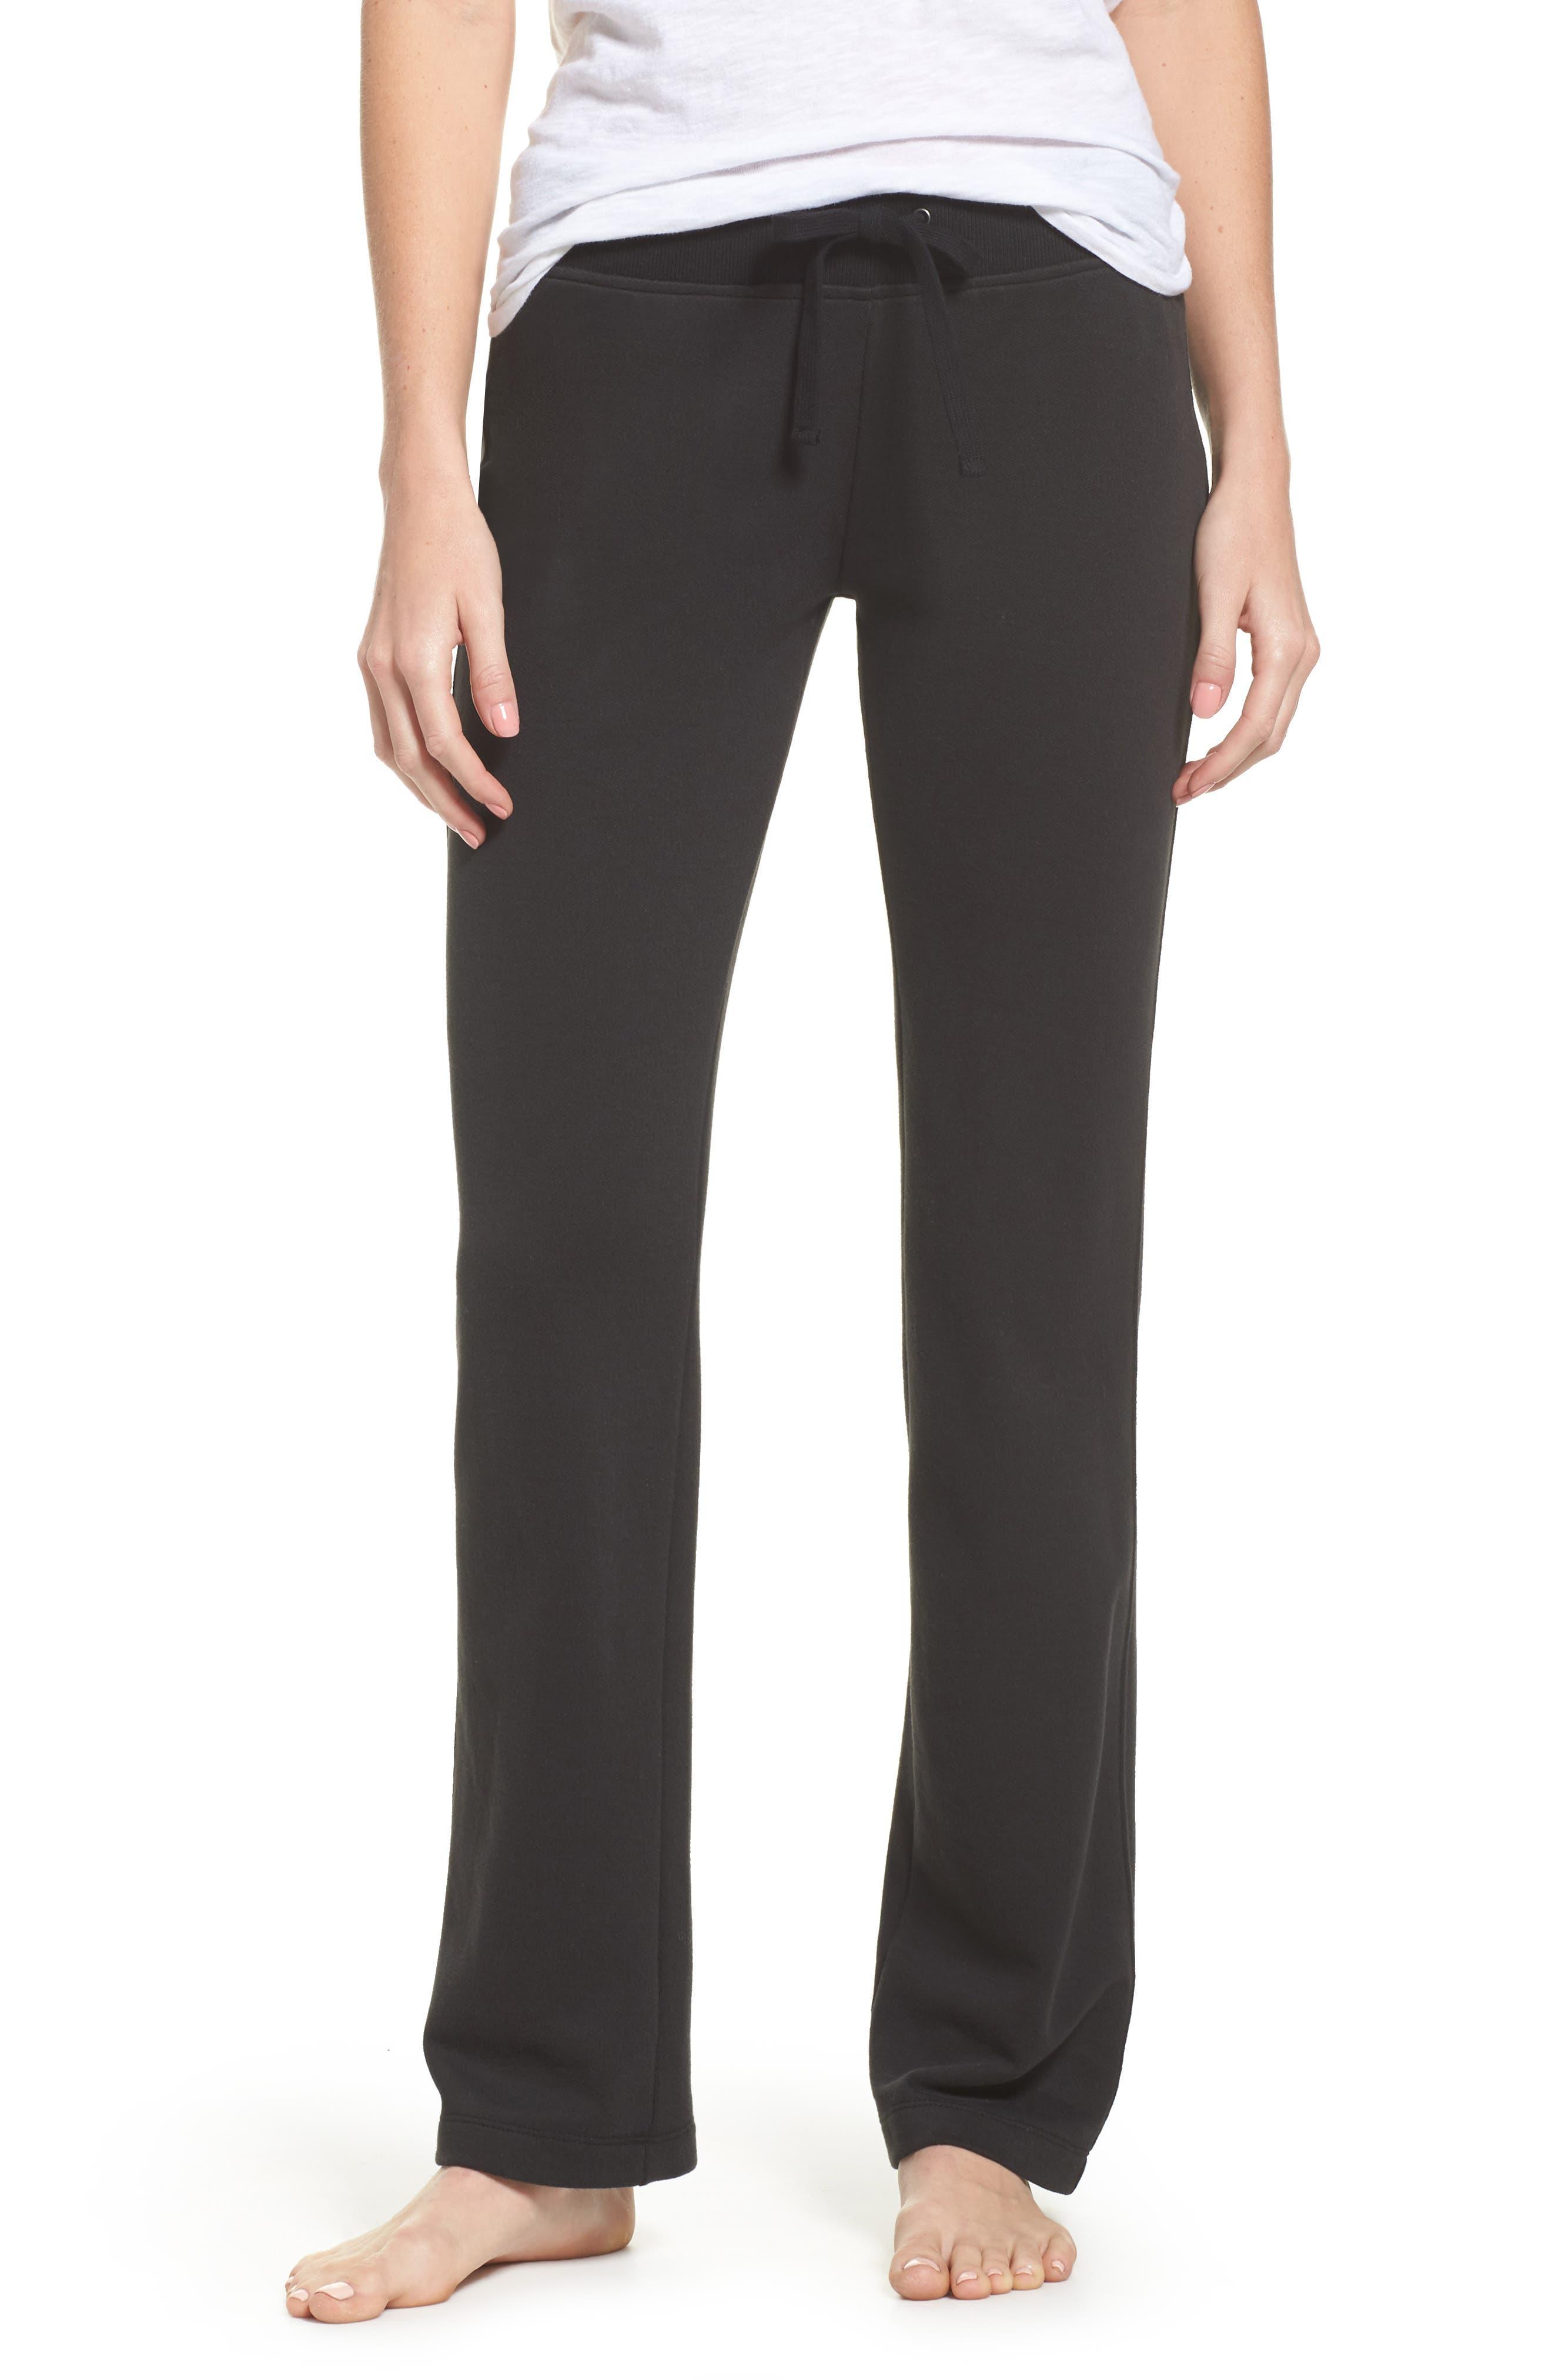 Ugg Penny Drawstring Lounge Pants In Black  16ee32eef